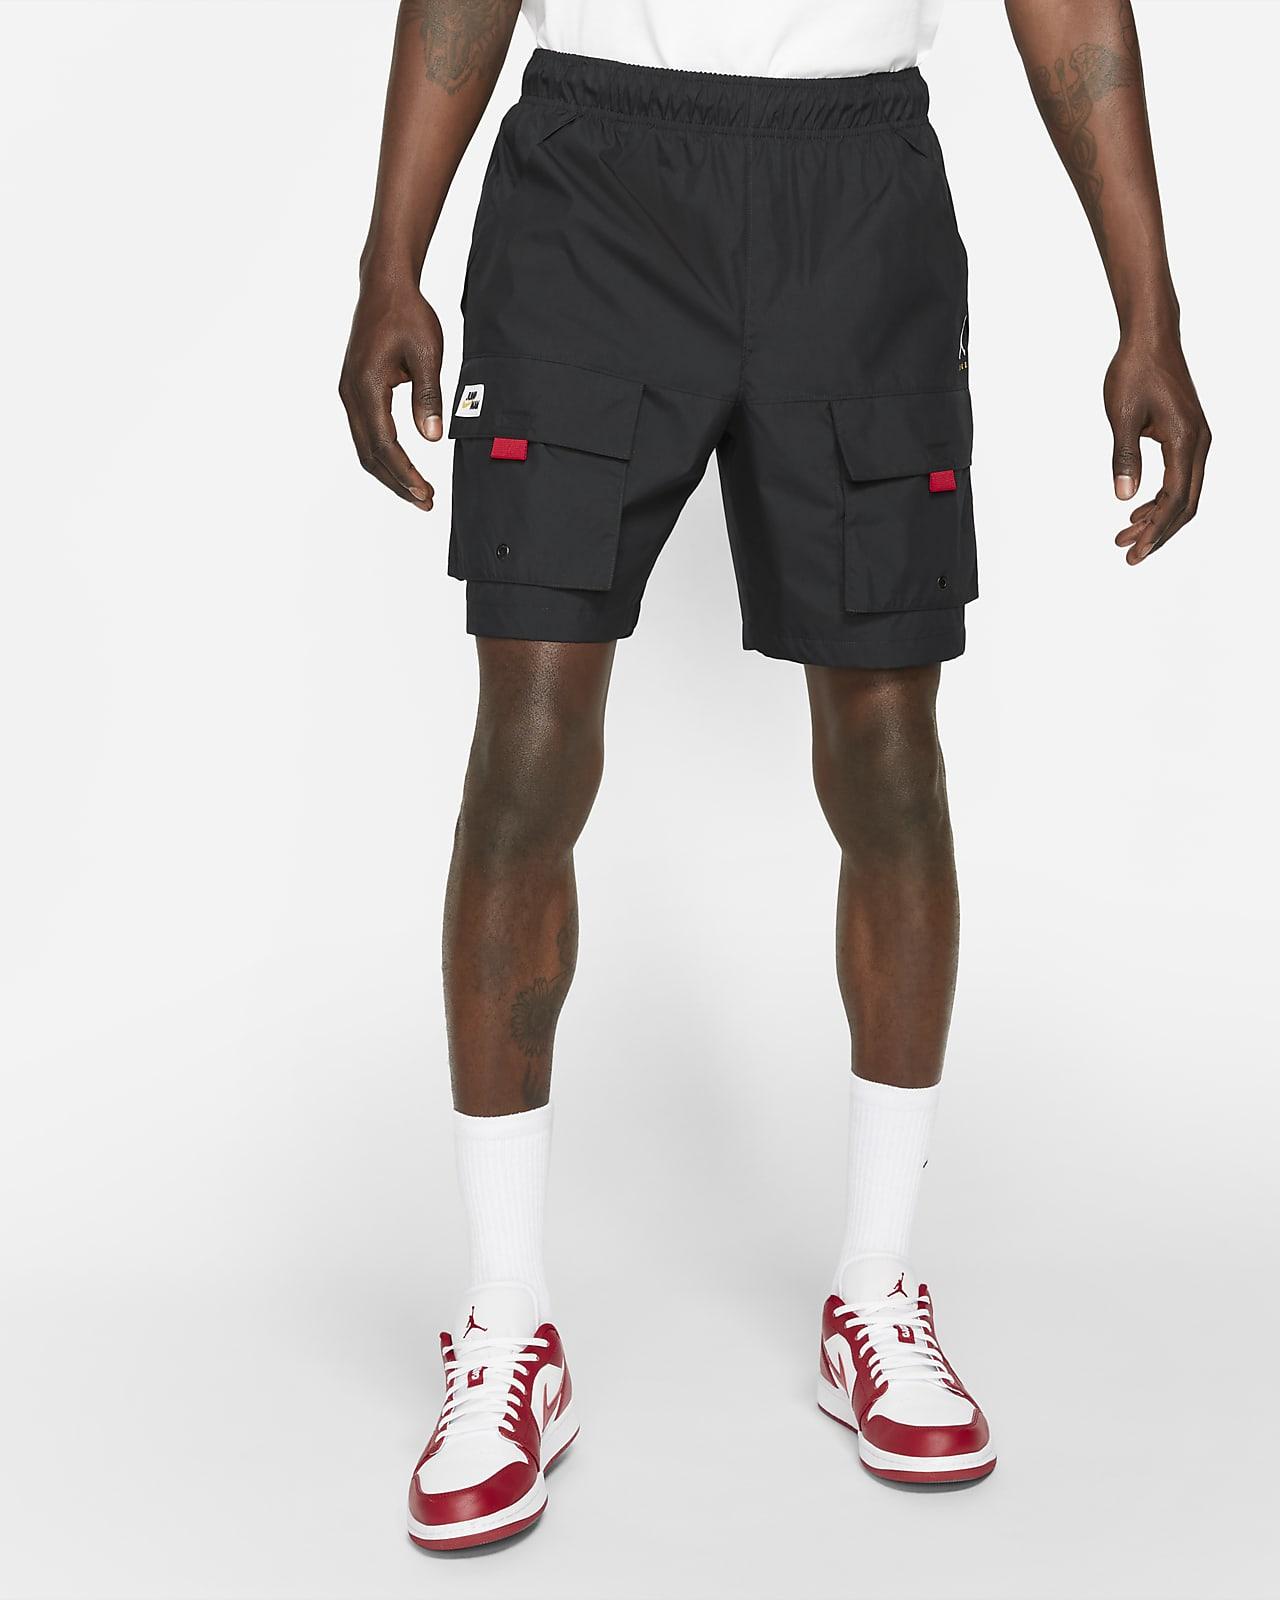 Jordan Jumpman Men's Woven Shorts